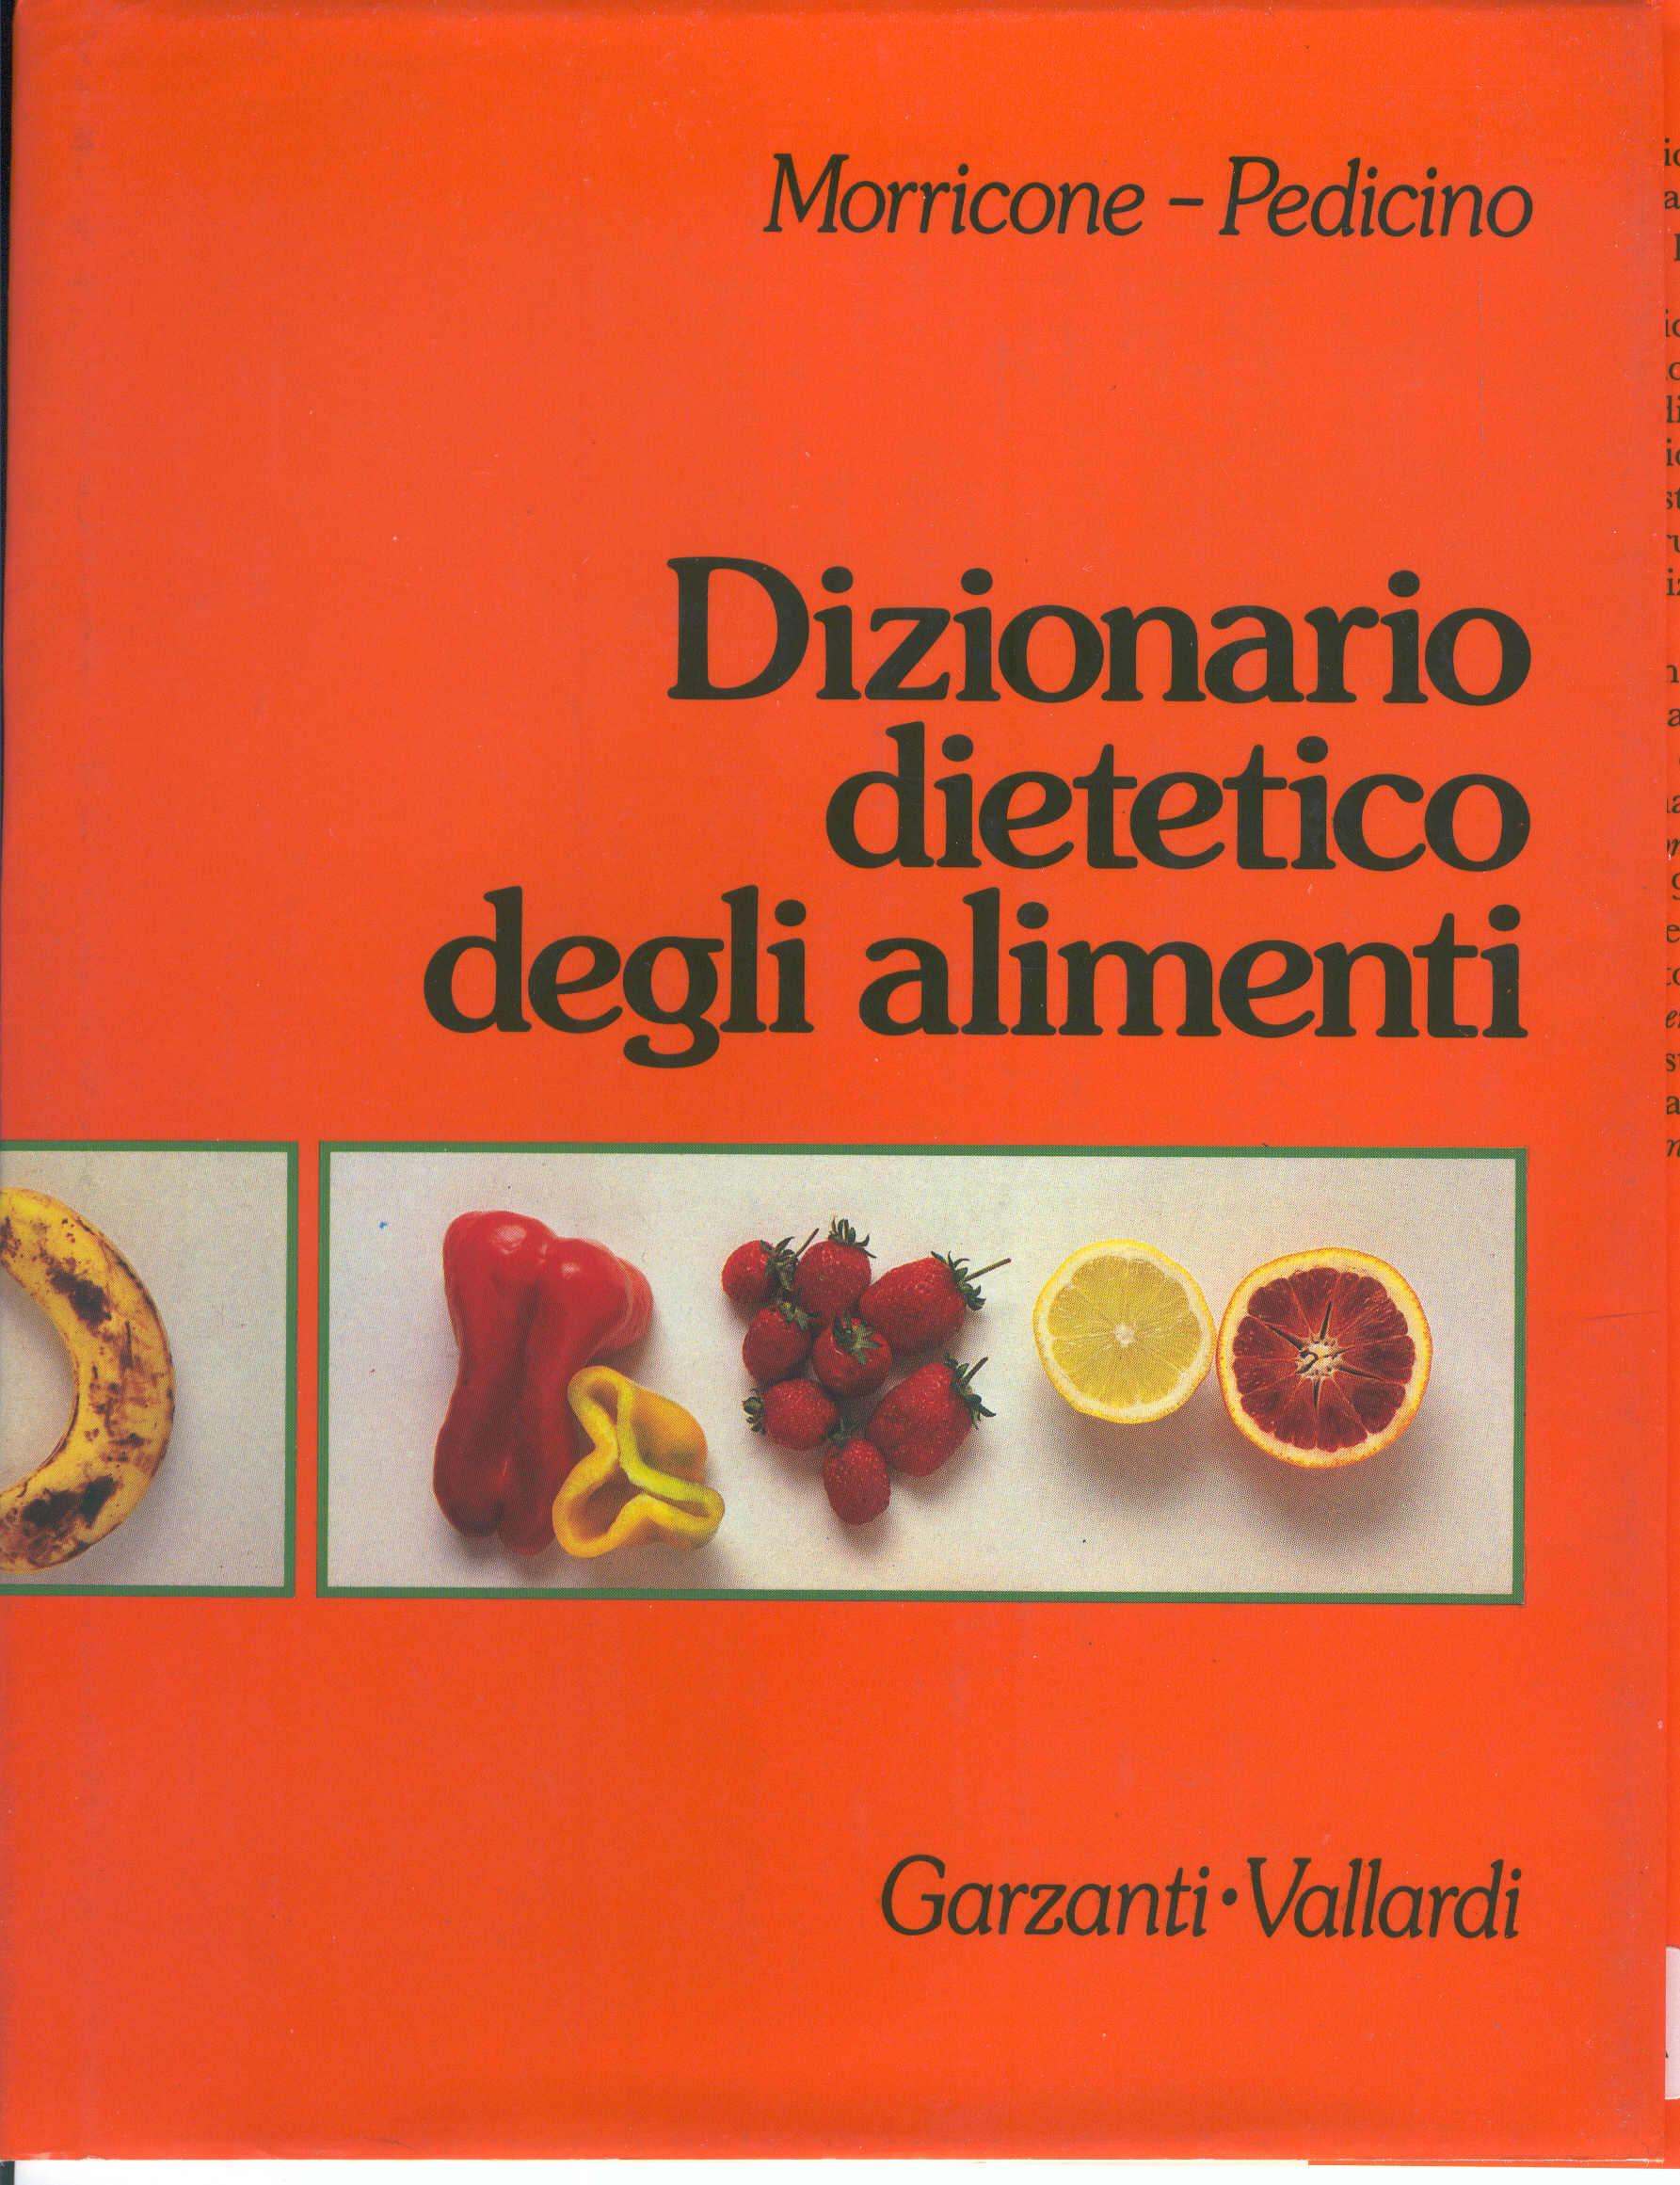 Dizionario dietetico degli alimenti